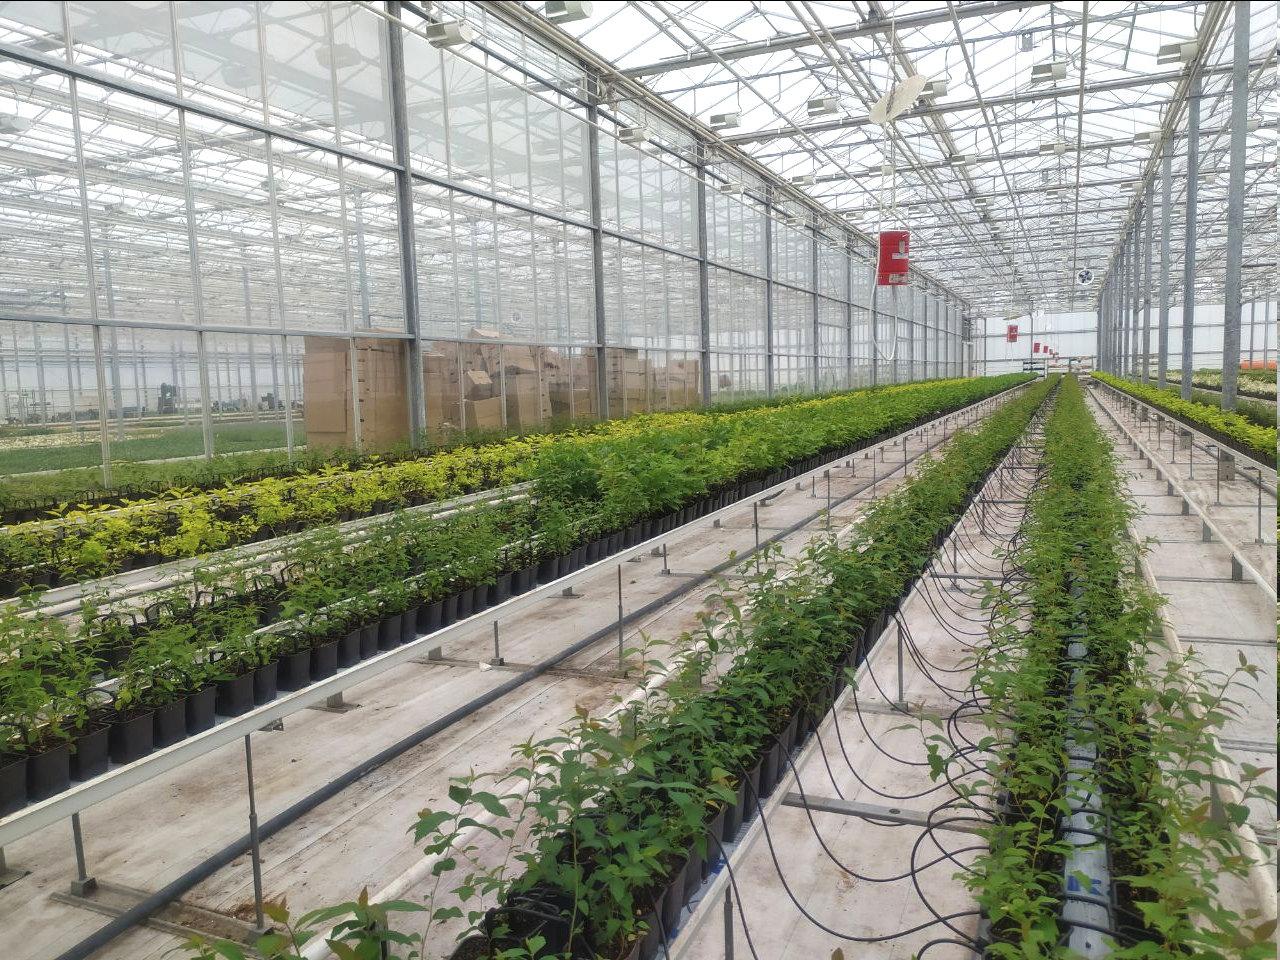 Юрий Галдун: Будем стараться выращивать в городе многолетники, фото-1